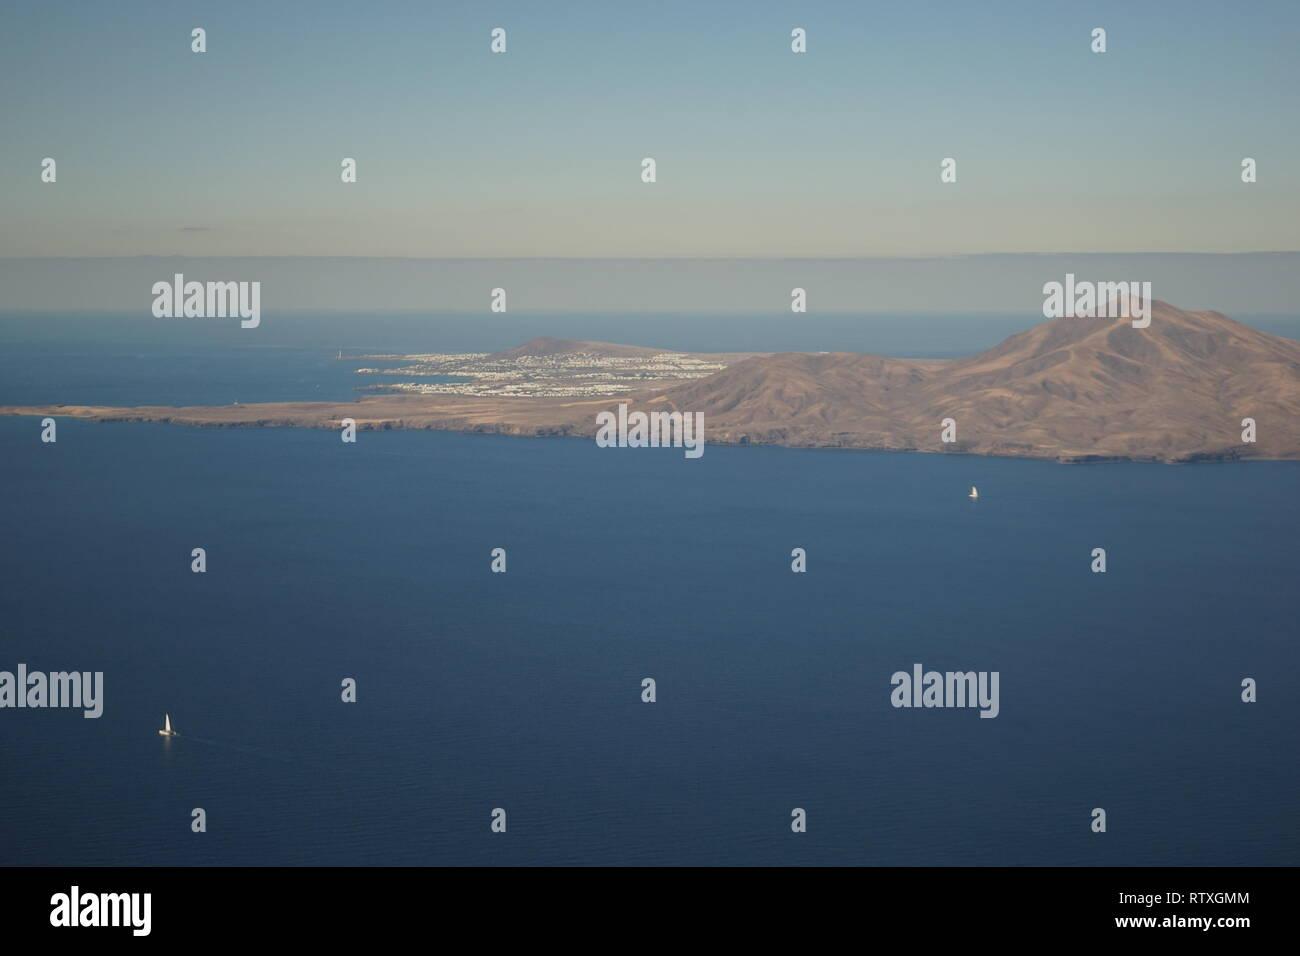 Lanzarote, vom Flugzeug aus gesehen, Kanarische Inseln, Spanien - Stock Image